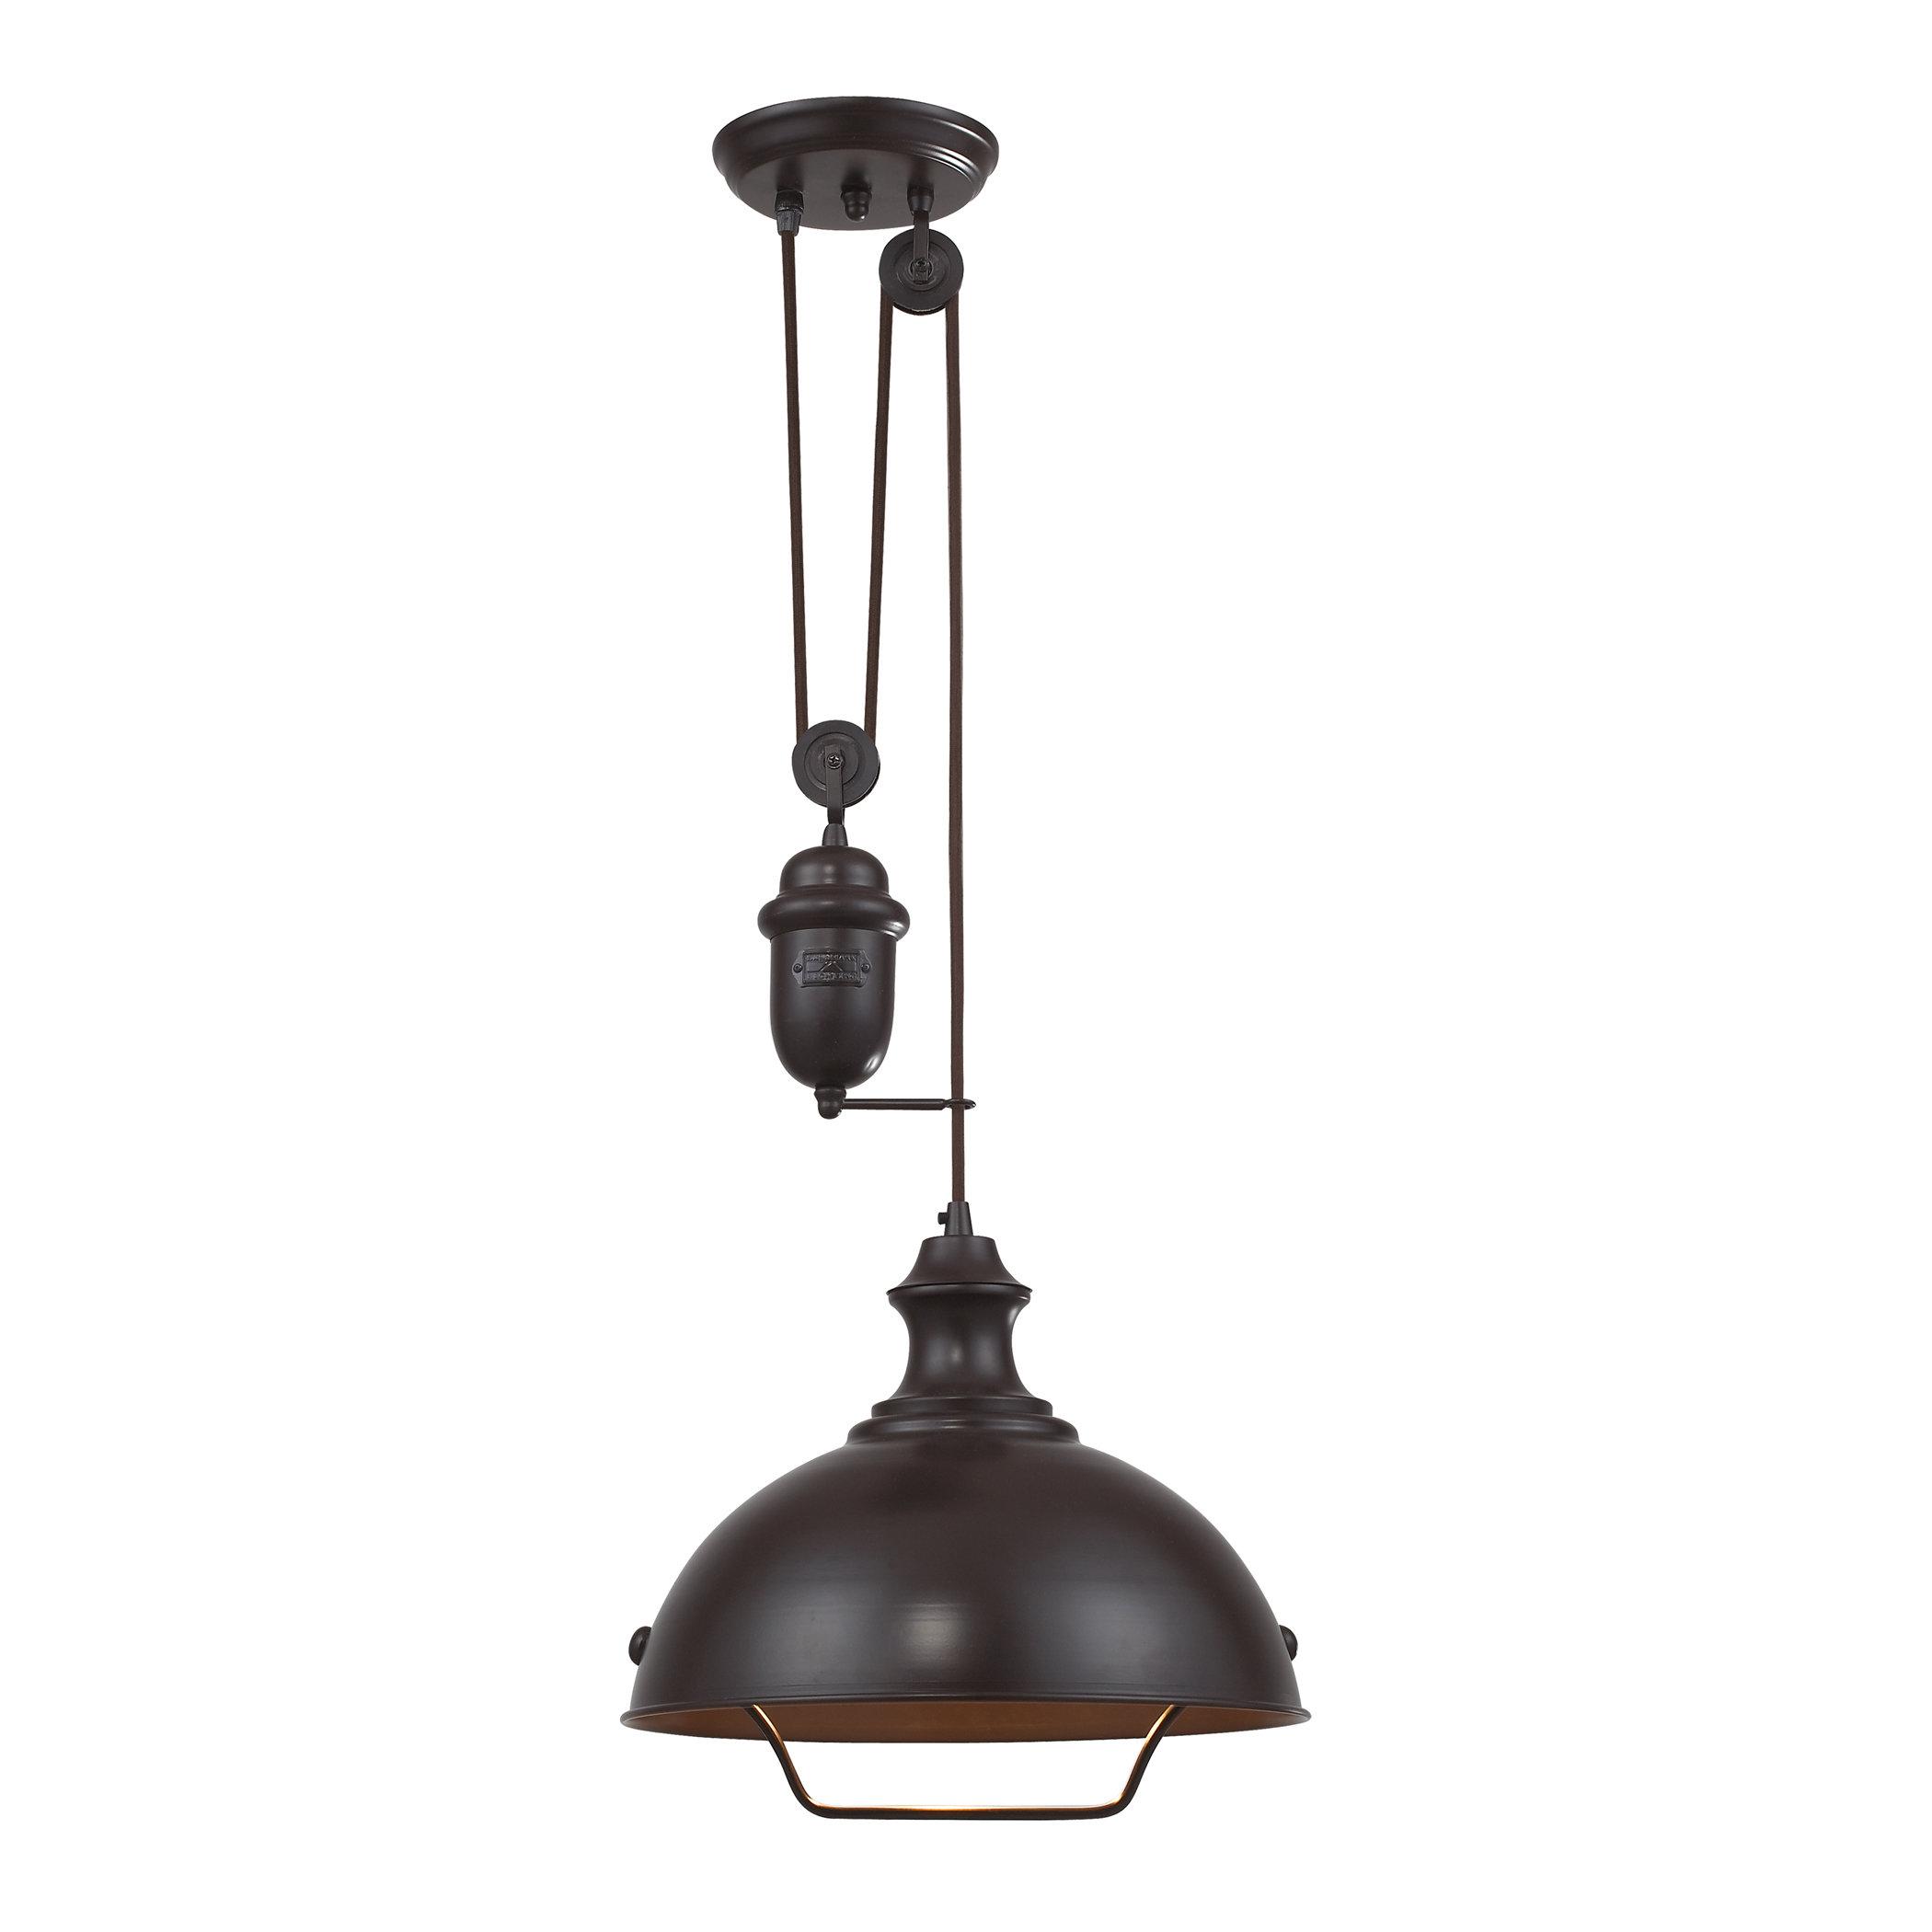 Legrand 1-Light Single Dome Pendant intended for Stetson 1-Light Bowl Pendants (Image 17 of 30)